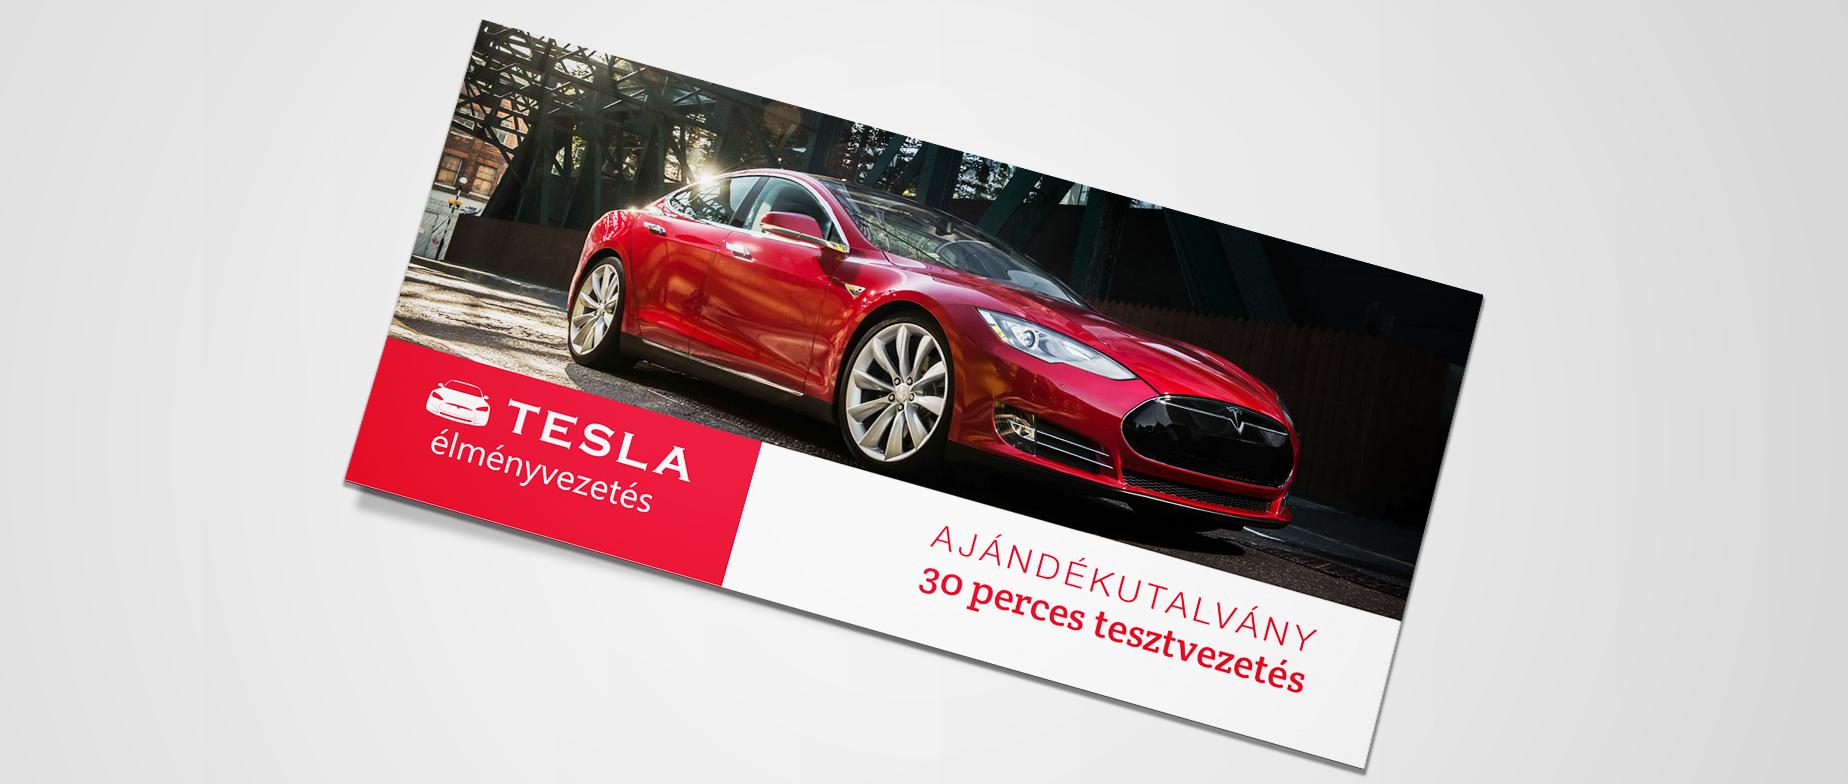 Tesla Model S utcai élményvezetés